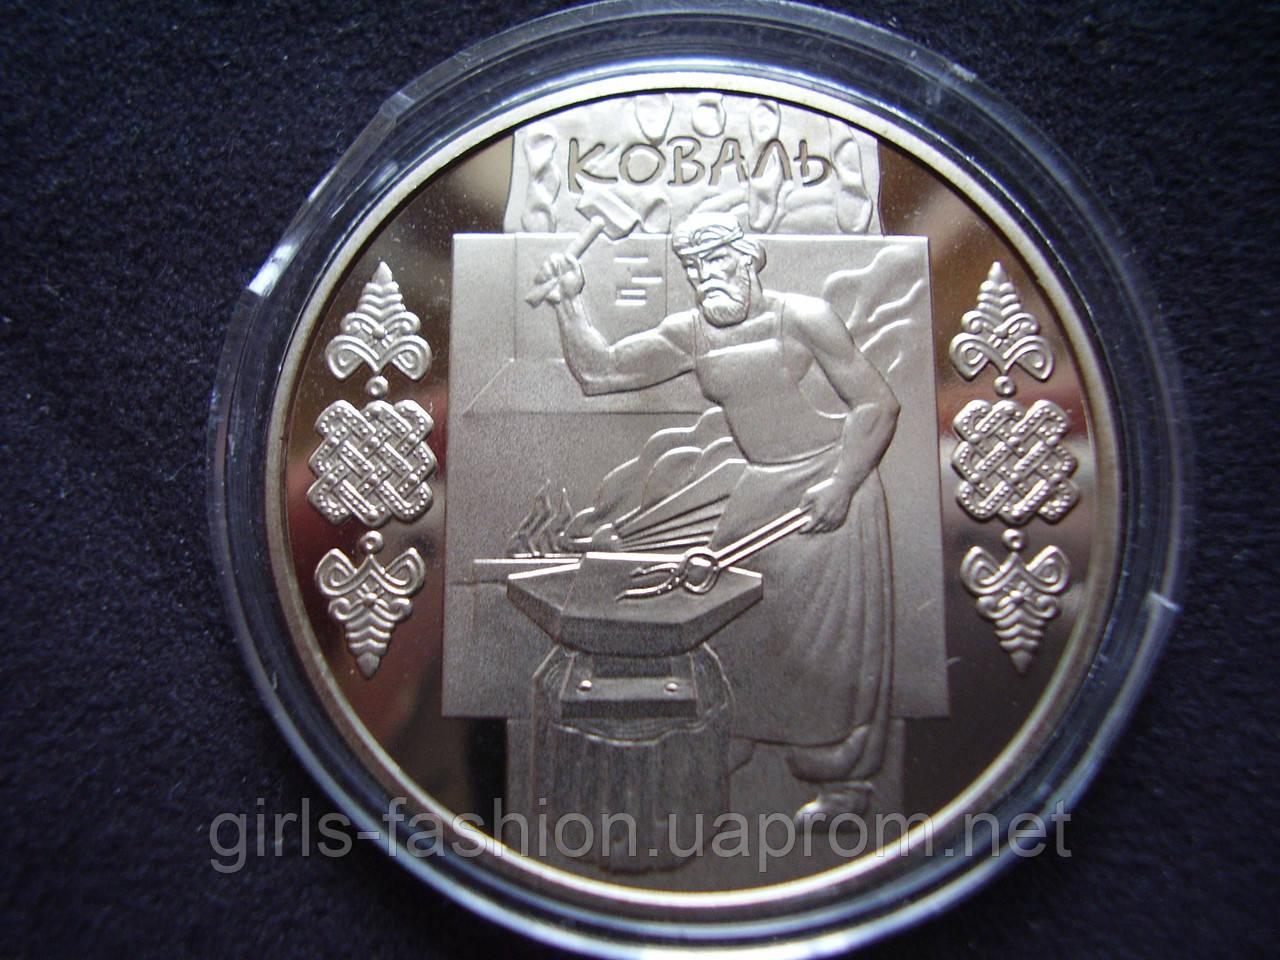 Коваль монета старинные коллекционные монеты